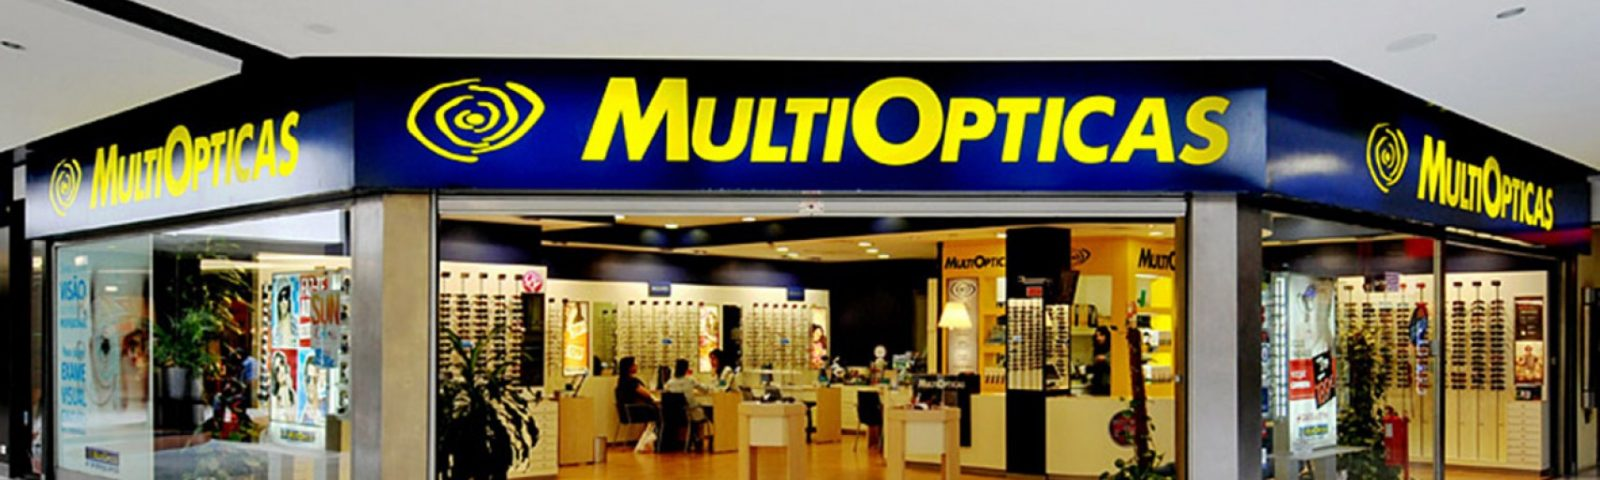 Multiopticas certifica segurança dos seus rastreios a crianças